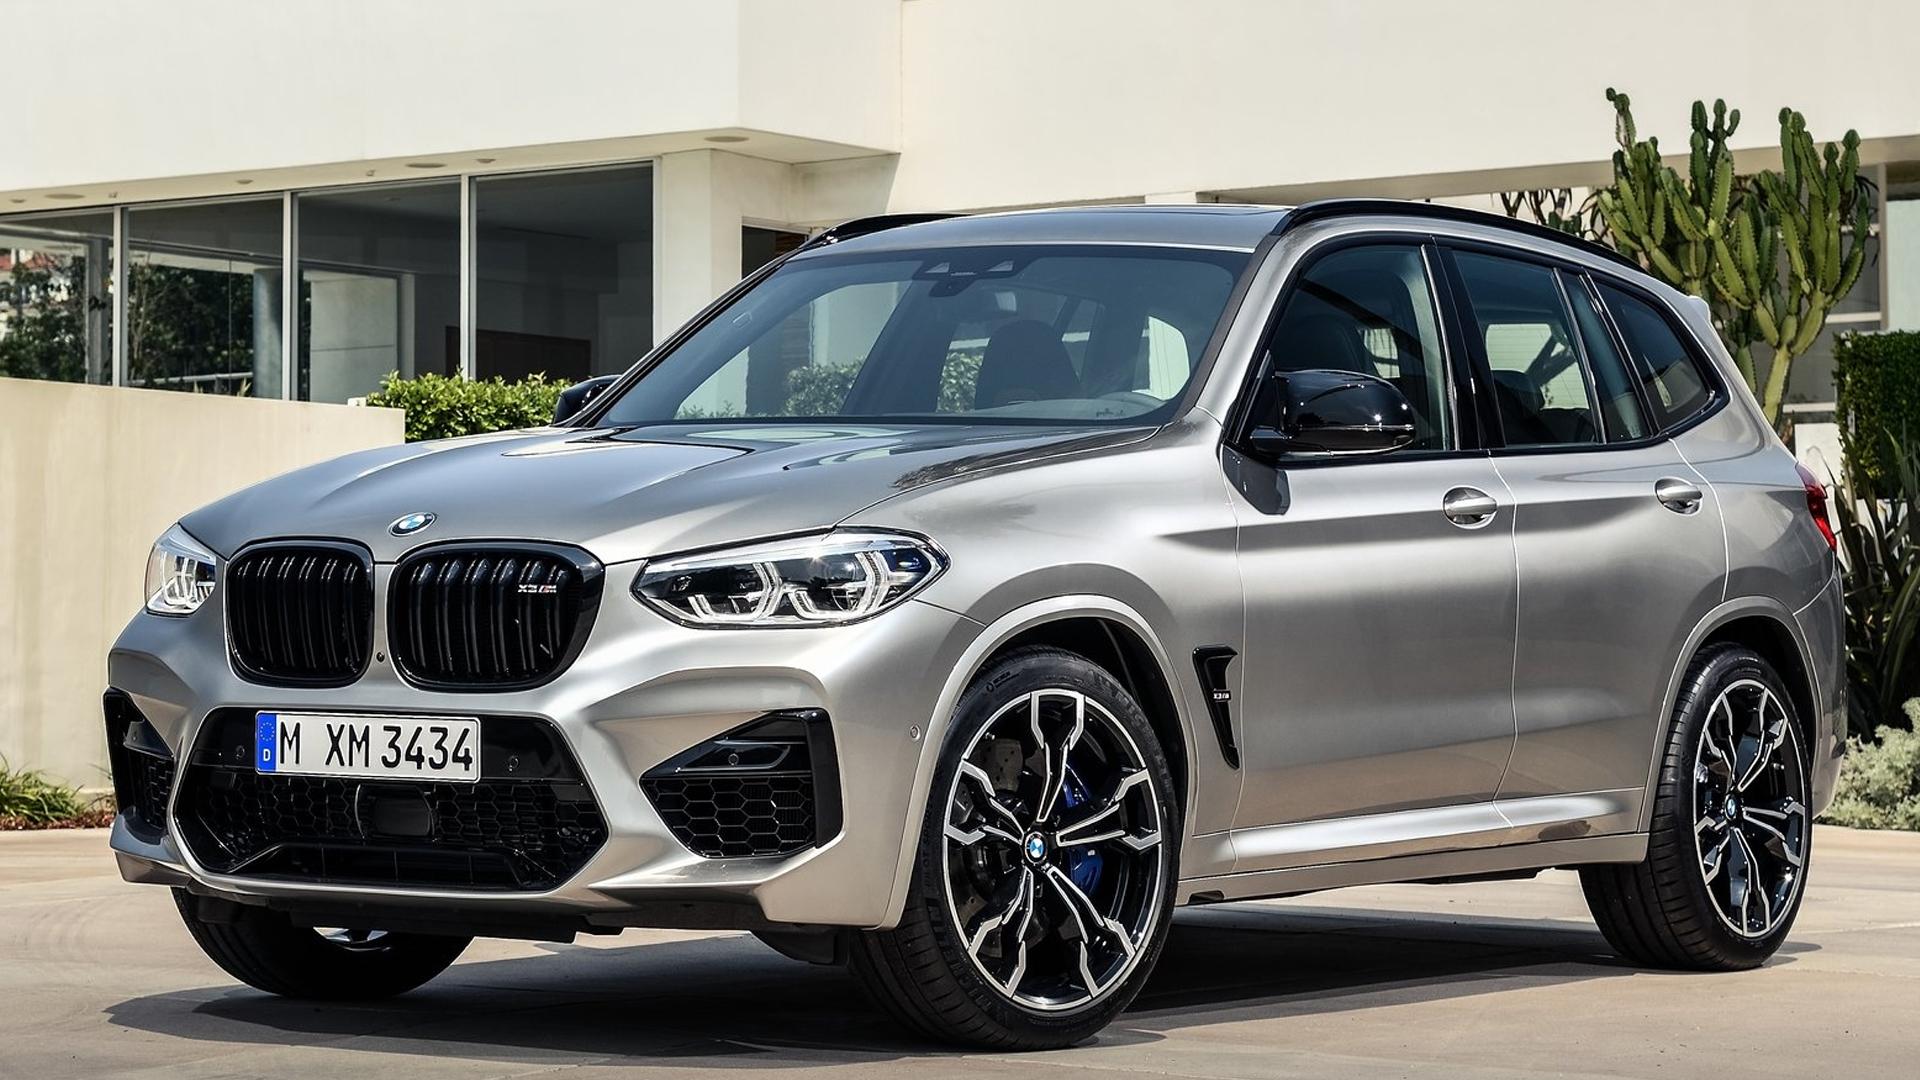 BMW X3 M 2020 Std Exterior